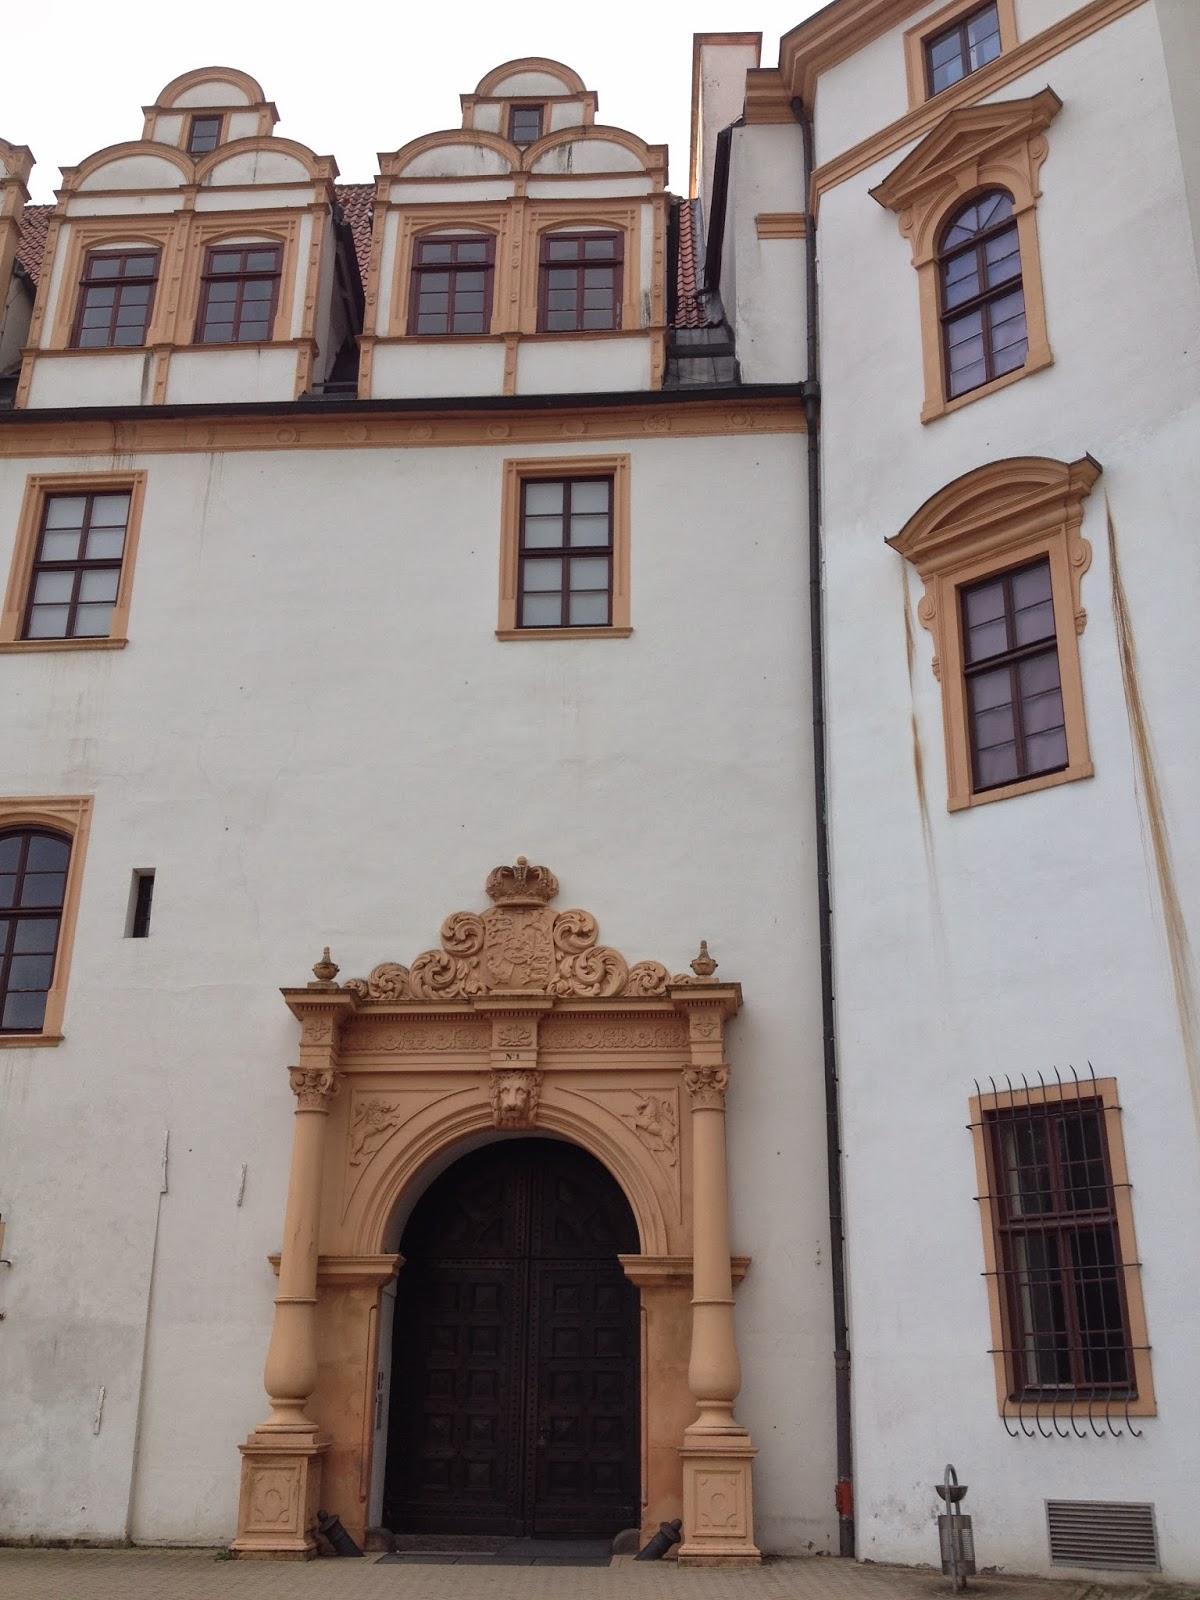 Schloß in Celle, Tor